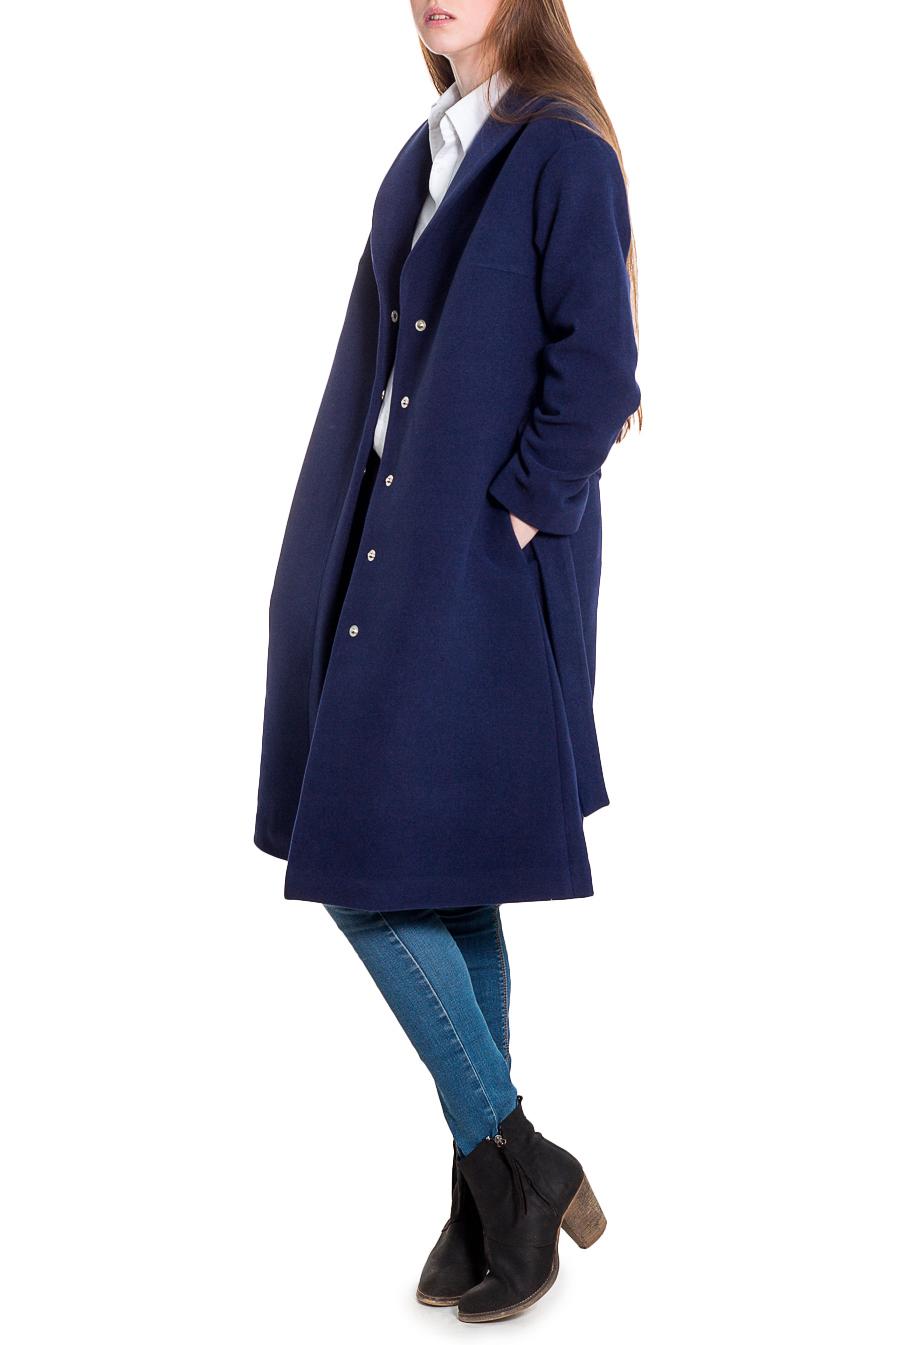 ПальтоПальто<br>Элегантное пальто лаконичного дизайна придется по вкусу настоящим леди, ценящим стиль и комфорт. Пальто со спущенной линией плеча придает фигуре мягкие очертания. Материал пальто плотный, но мягкий, прекрасно дышит, при этом поддерживая оптимальный температурный режим. Это пальто станет прекрасной составляющей Вашего повседневного гардероба.  Пальто силуэта трапеция со съемным поясом. На спинке средний шов и кокетка. Воротник шалевый, центральная застежка на кнопки. Карманы в боковых швах. Рукав рубашечный, со спущенной линией плеча, длинный.  Цвет: синий.  Длина рукава (от конечной плечевой точки) - 61 ± 1 см  Рост девушки-фотомодели 180 см  Длина изделия - 105 ± 2 см<br><br>Воротник: Шалька<br>Горловина: V- горловина,Запах<br>Застежка: С кнопками<br>По длине: Ниже колена<br>По материалу: Пальтовая ткань<br>По рисунку: Однотонные<br>По силуэту: Свободные<br>По стилю: Винтаж,Классический стиль,Кэжуал,Офисный стиль,Повседневный стиль,Ультрамодный стиль<br>По элементам: С воротником,С вырезом,С декором,С карманами,С подкладом,С поясом,С разрезом<br>Рукав: Длинный рукав<br>По сезону: Осень,Весна<br>Размер : 42<br>Материал: Пальтовая ткань<br>Количество в наличии: 1